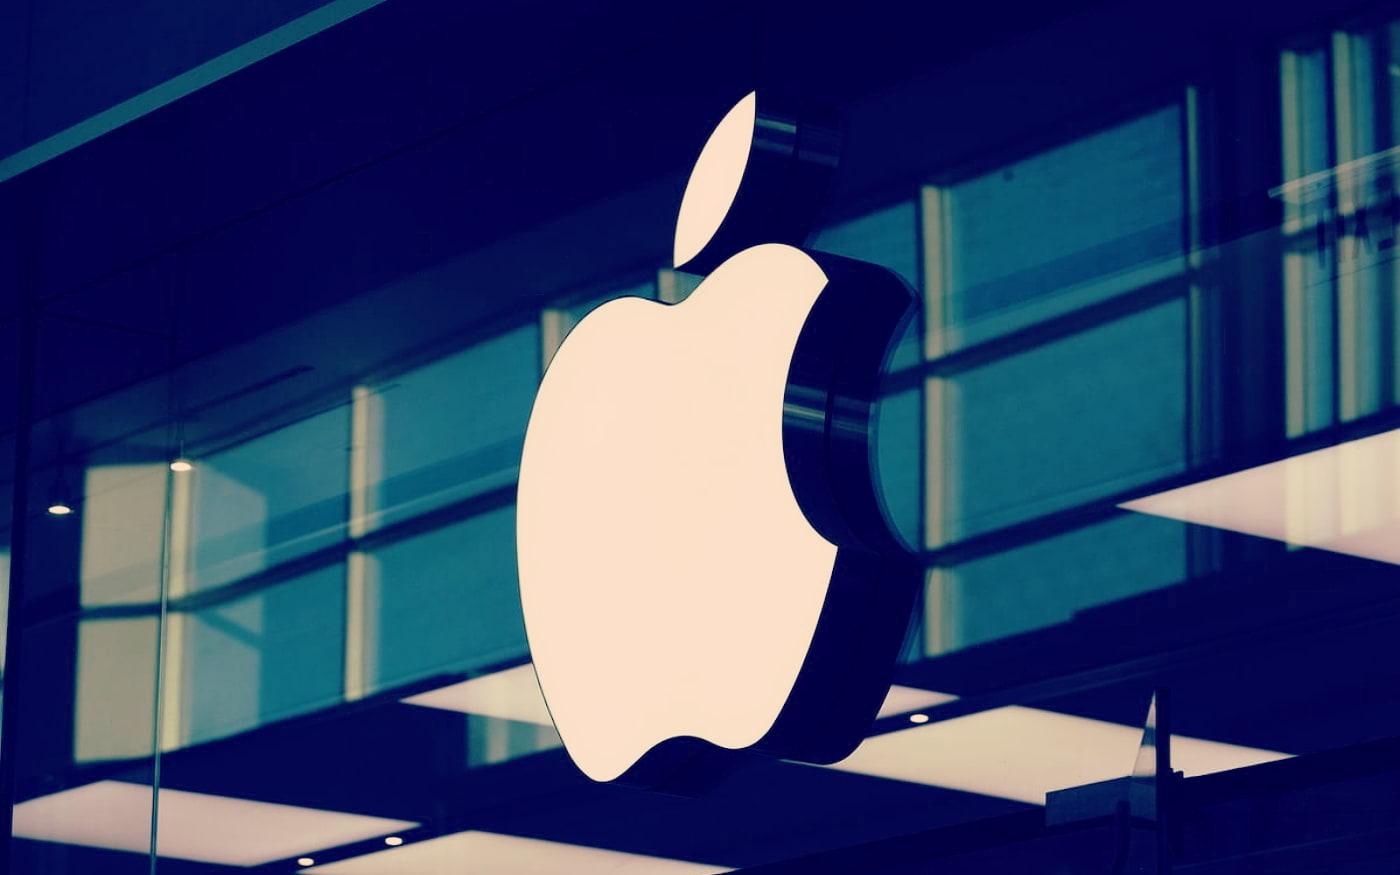 A Apple mantém dados secretamente sobre você, confira como descobrir